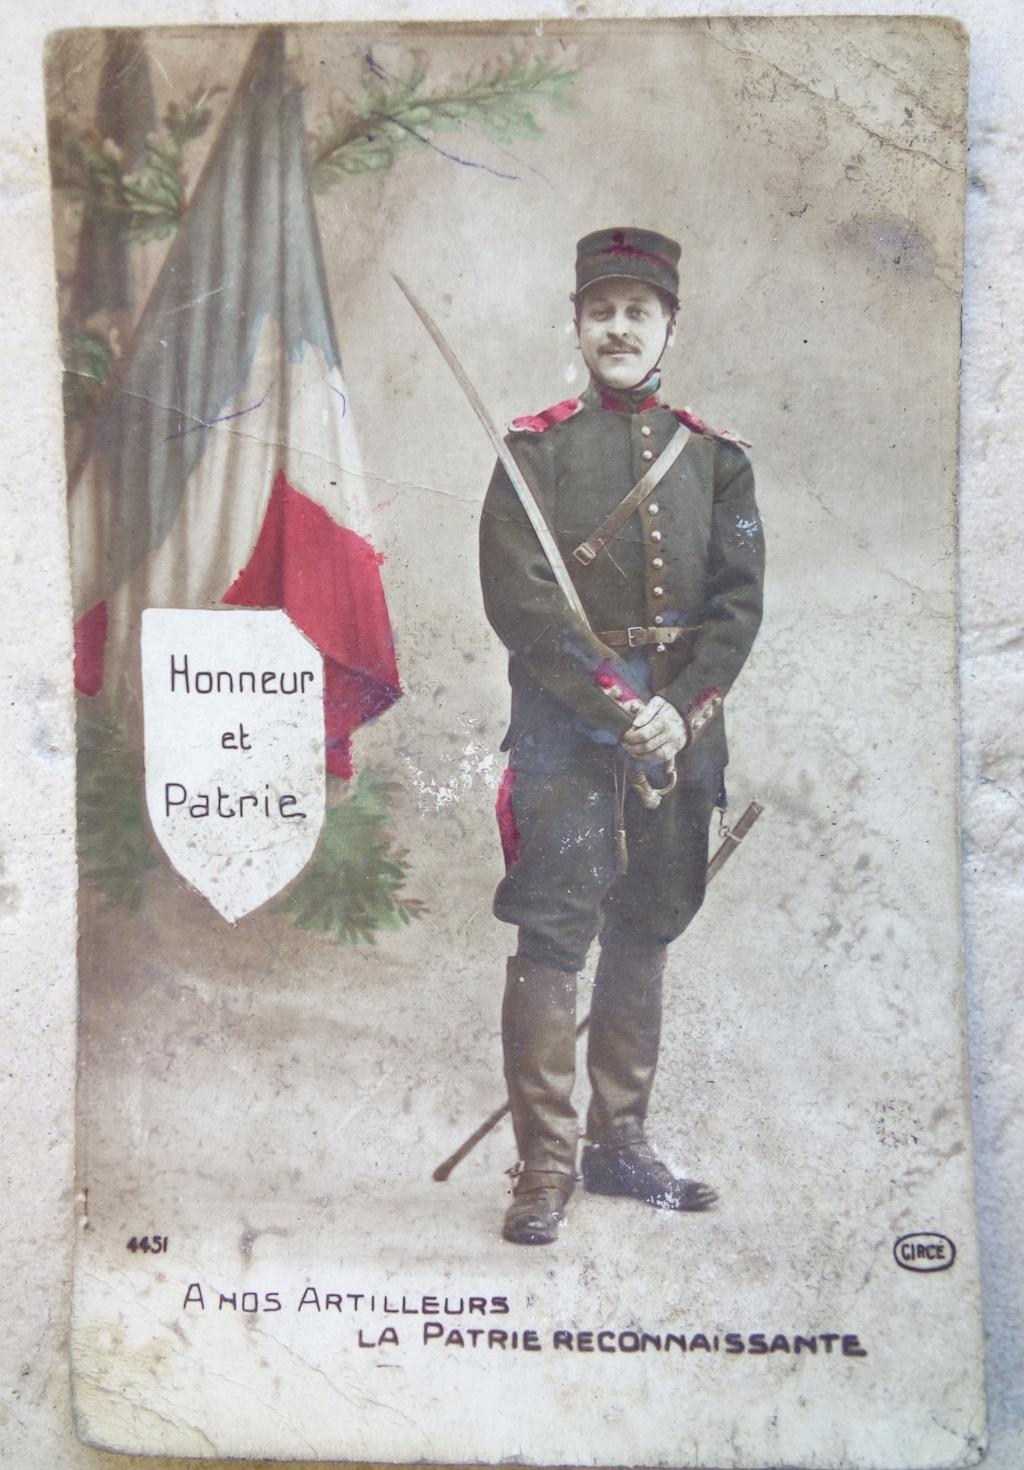 Cartes postales patriotiques françaises de la Grande Guerre - recensement - Page 2 Img_2817